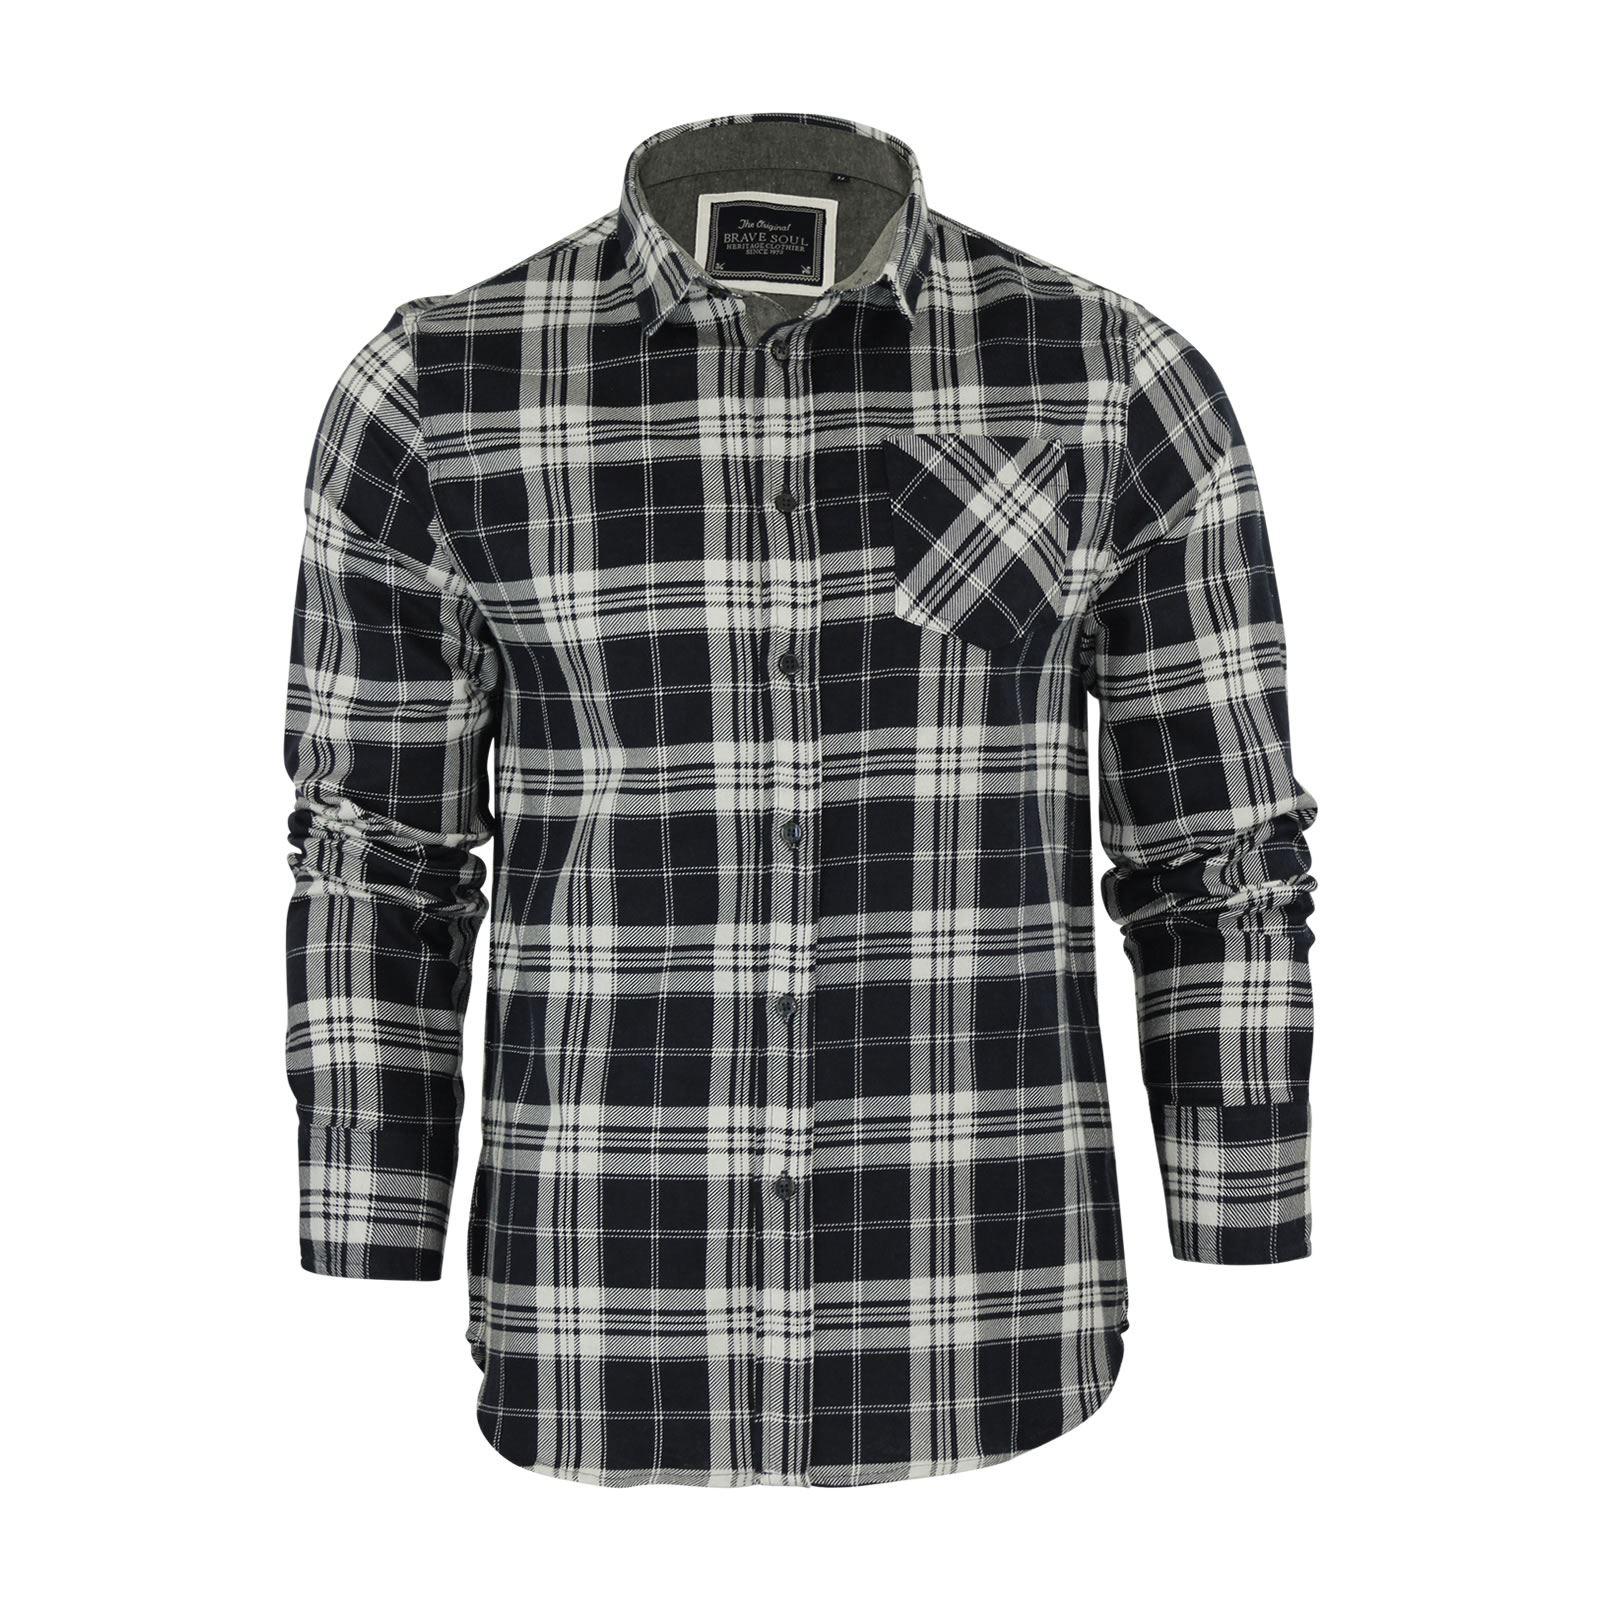 Alma-VALIENTE-HOMBRE-compruebe-Camisa-Algodon-Cepillado-De-Franela-Top-Manga-Larga-Casual miniatura 87